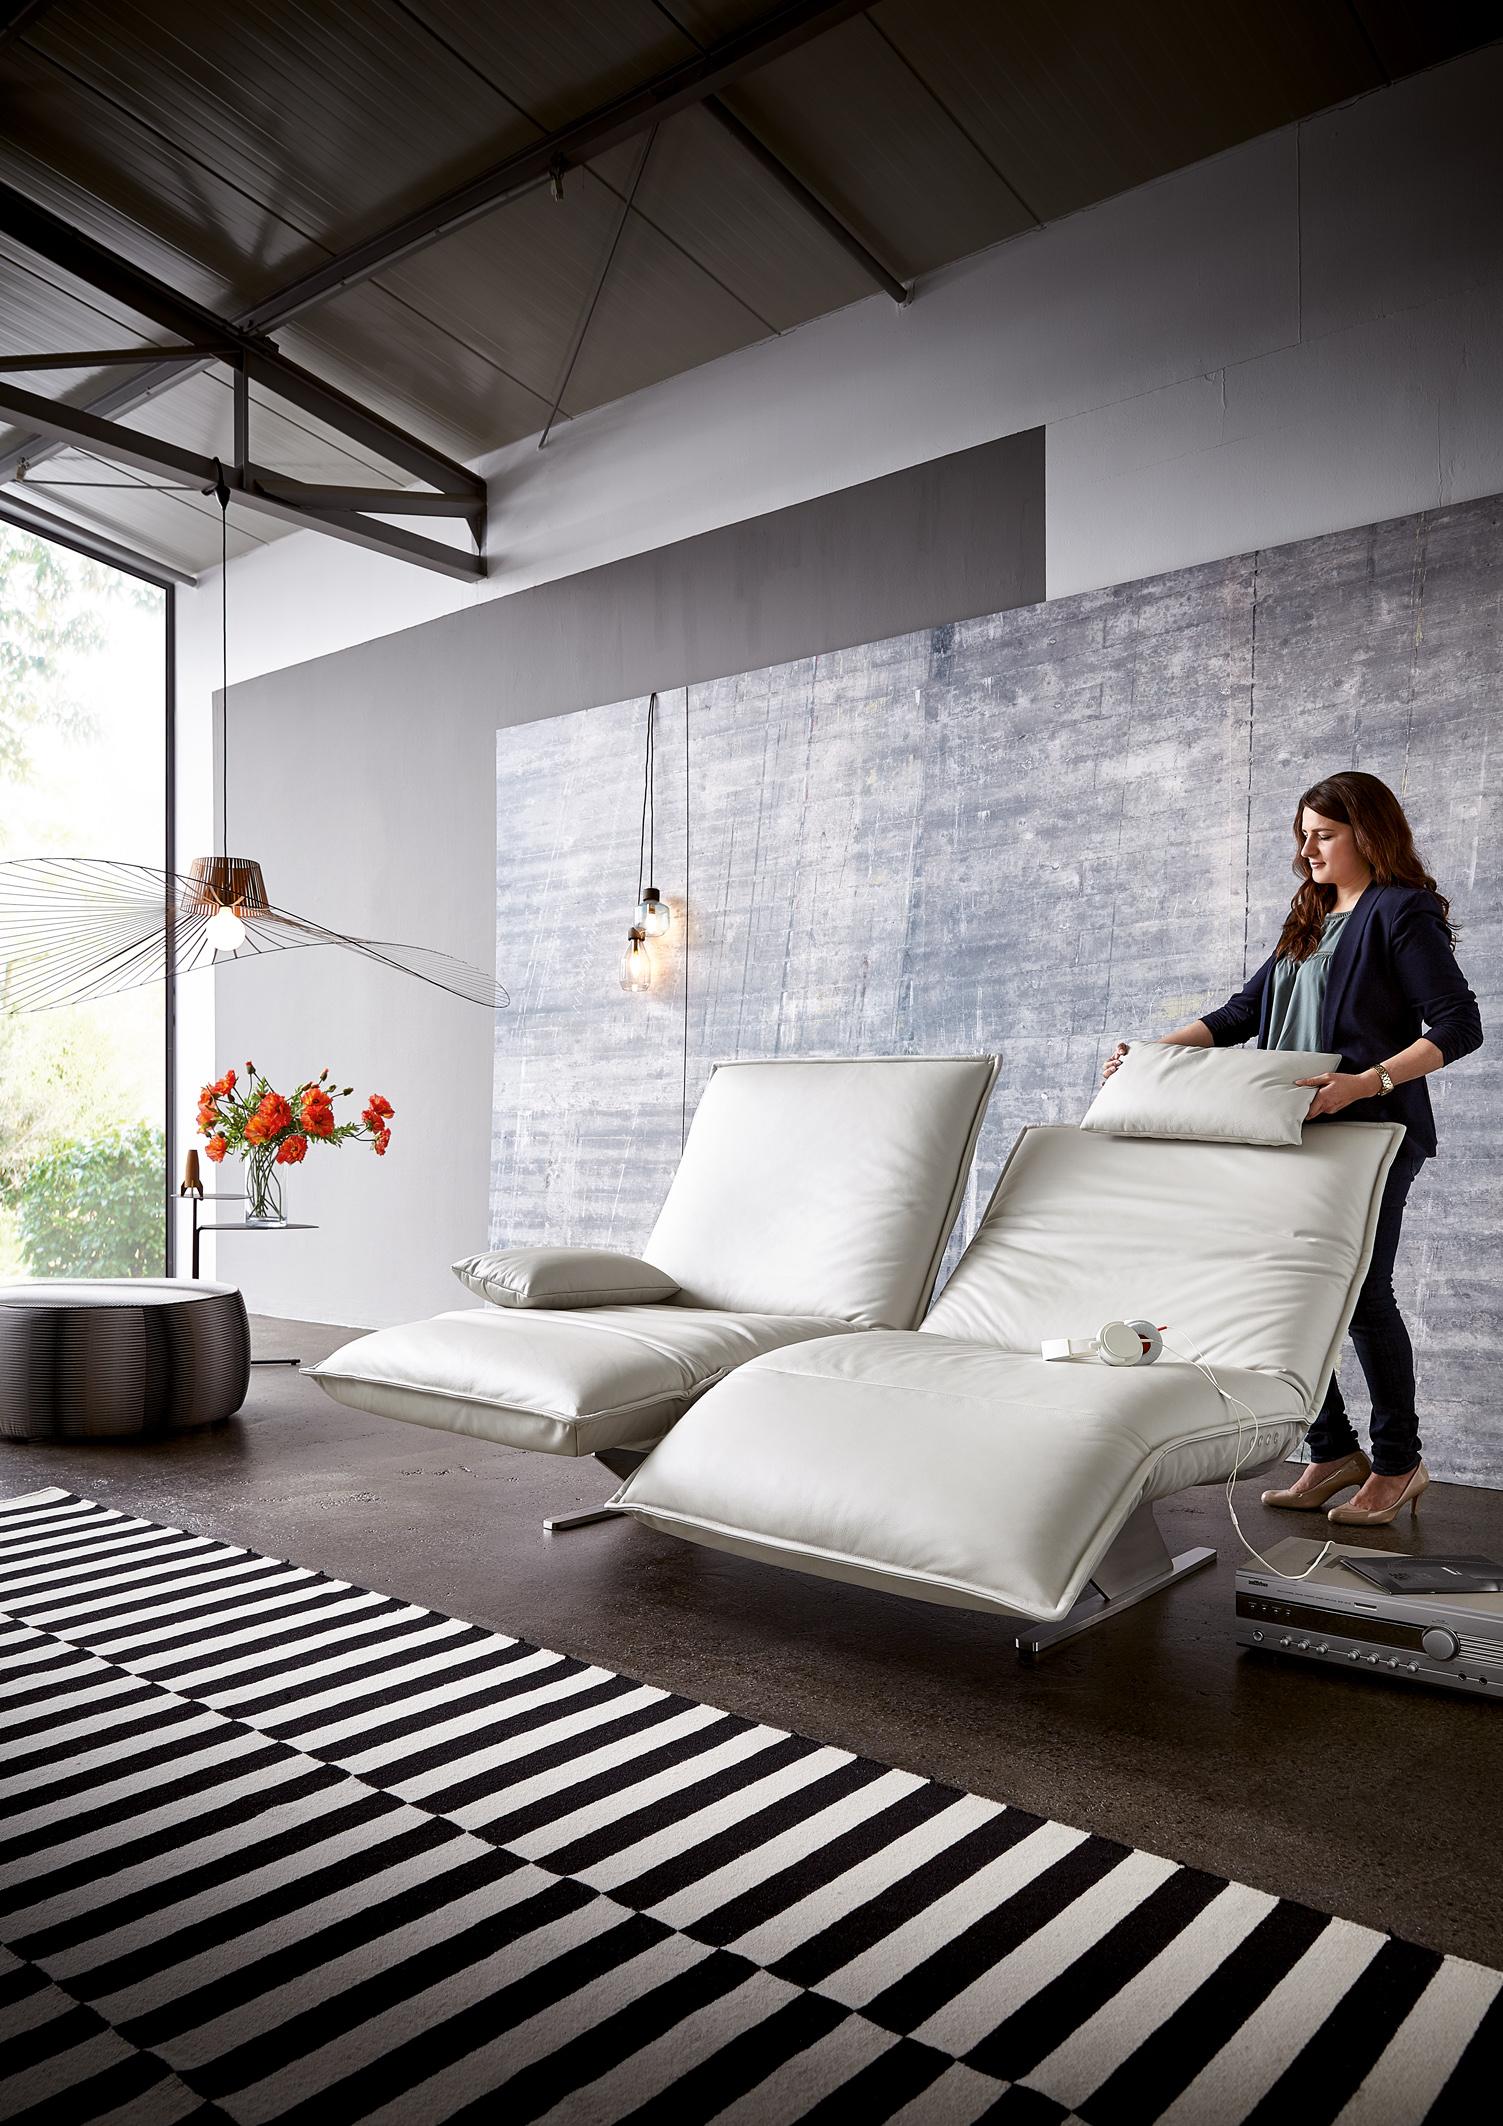 vdm 2018 pm smarthome1. Black Bedroom Furniture Sets. Home Design Ideas